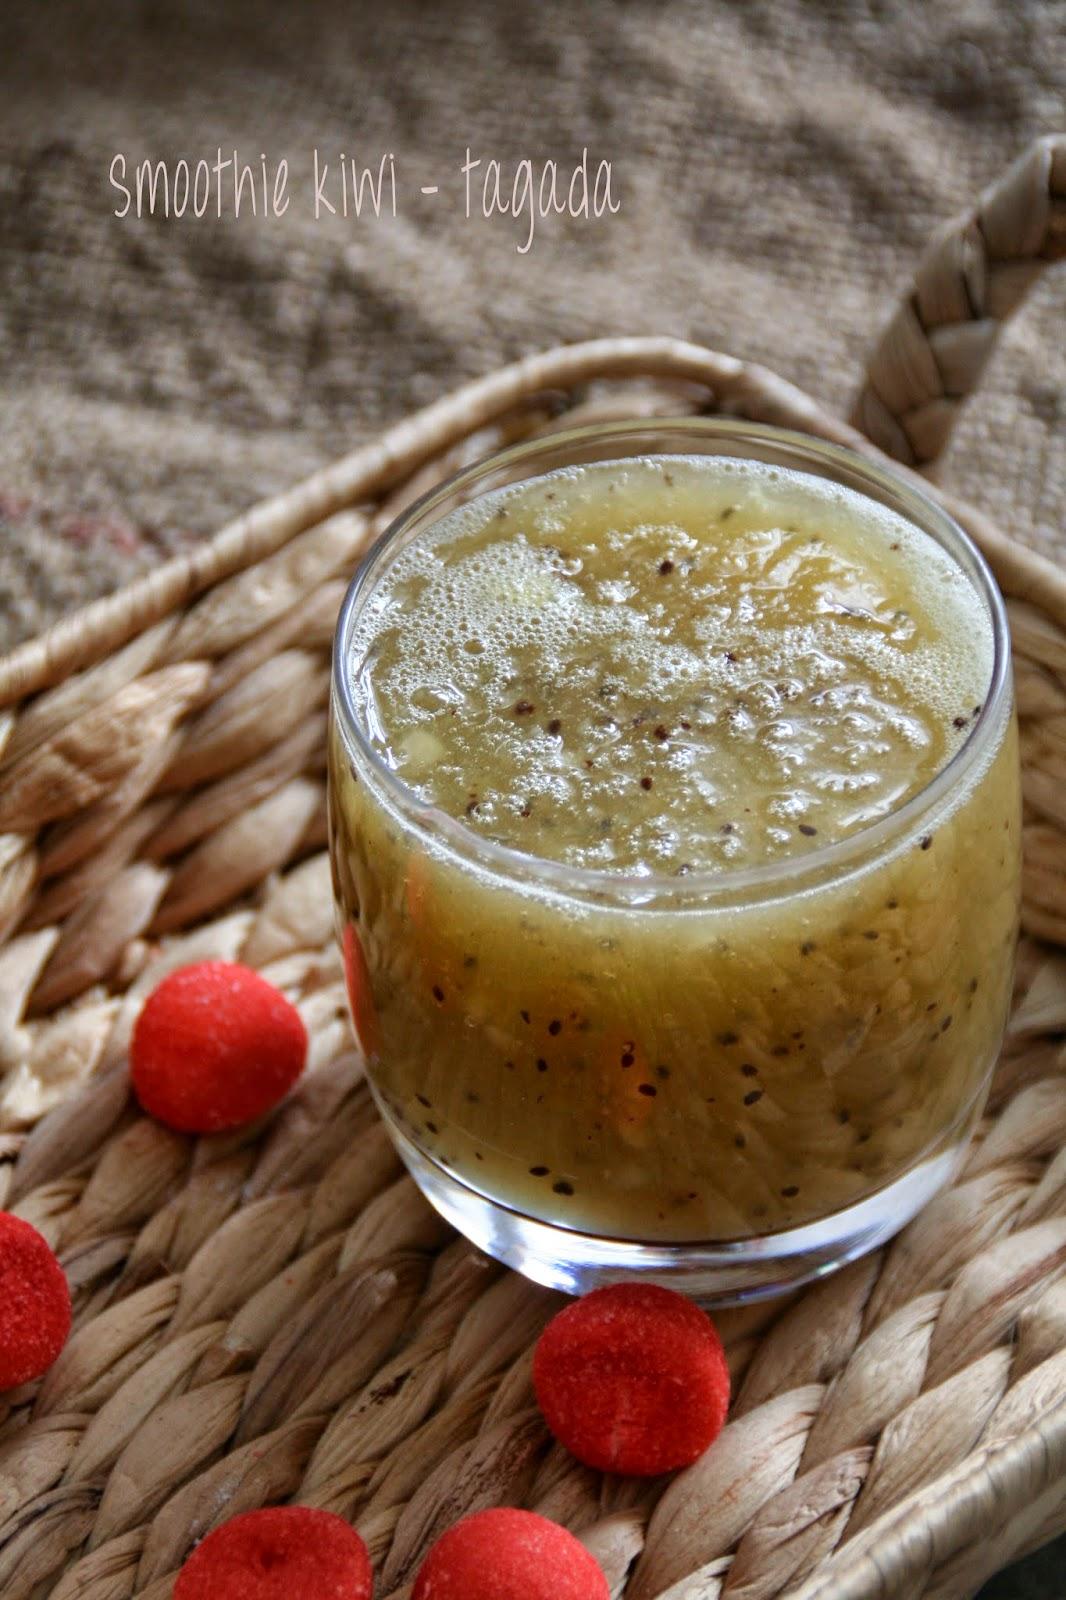 http://etcharlottedecouvritlacuisine.blogspot.fr/2014/05/smoothie-kiwi-tagada-battlefood20.html